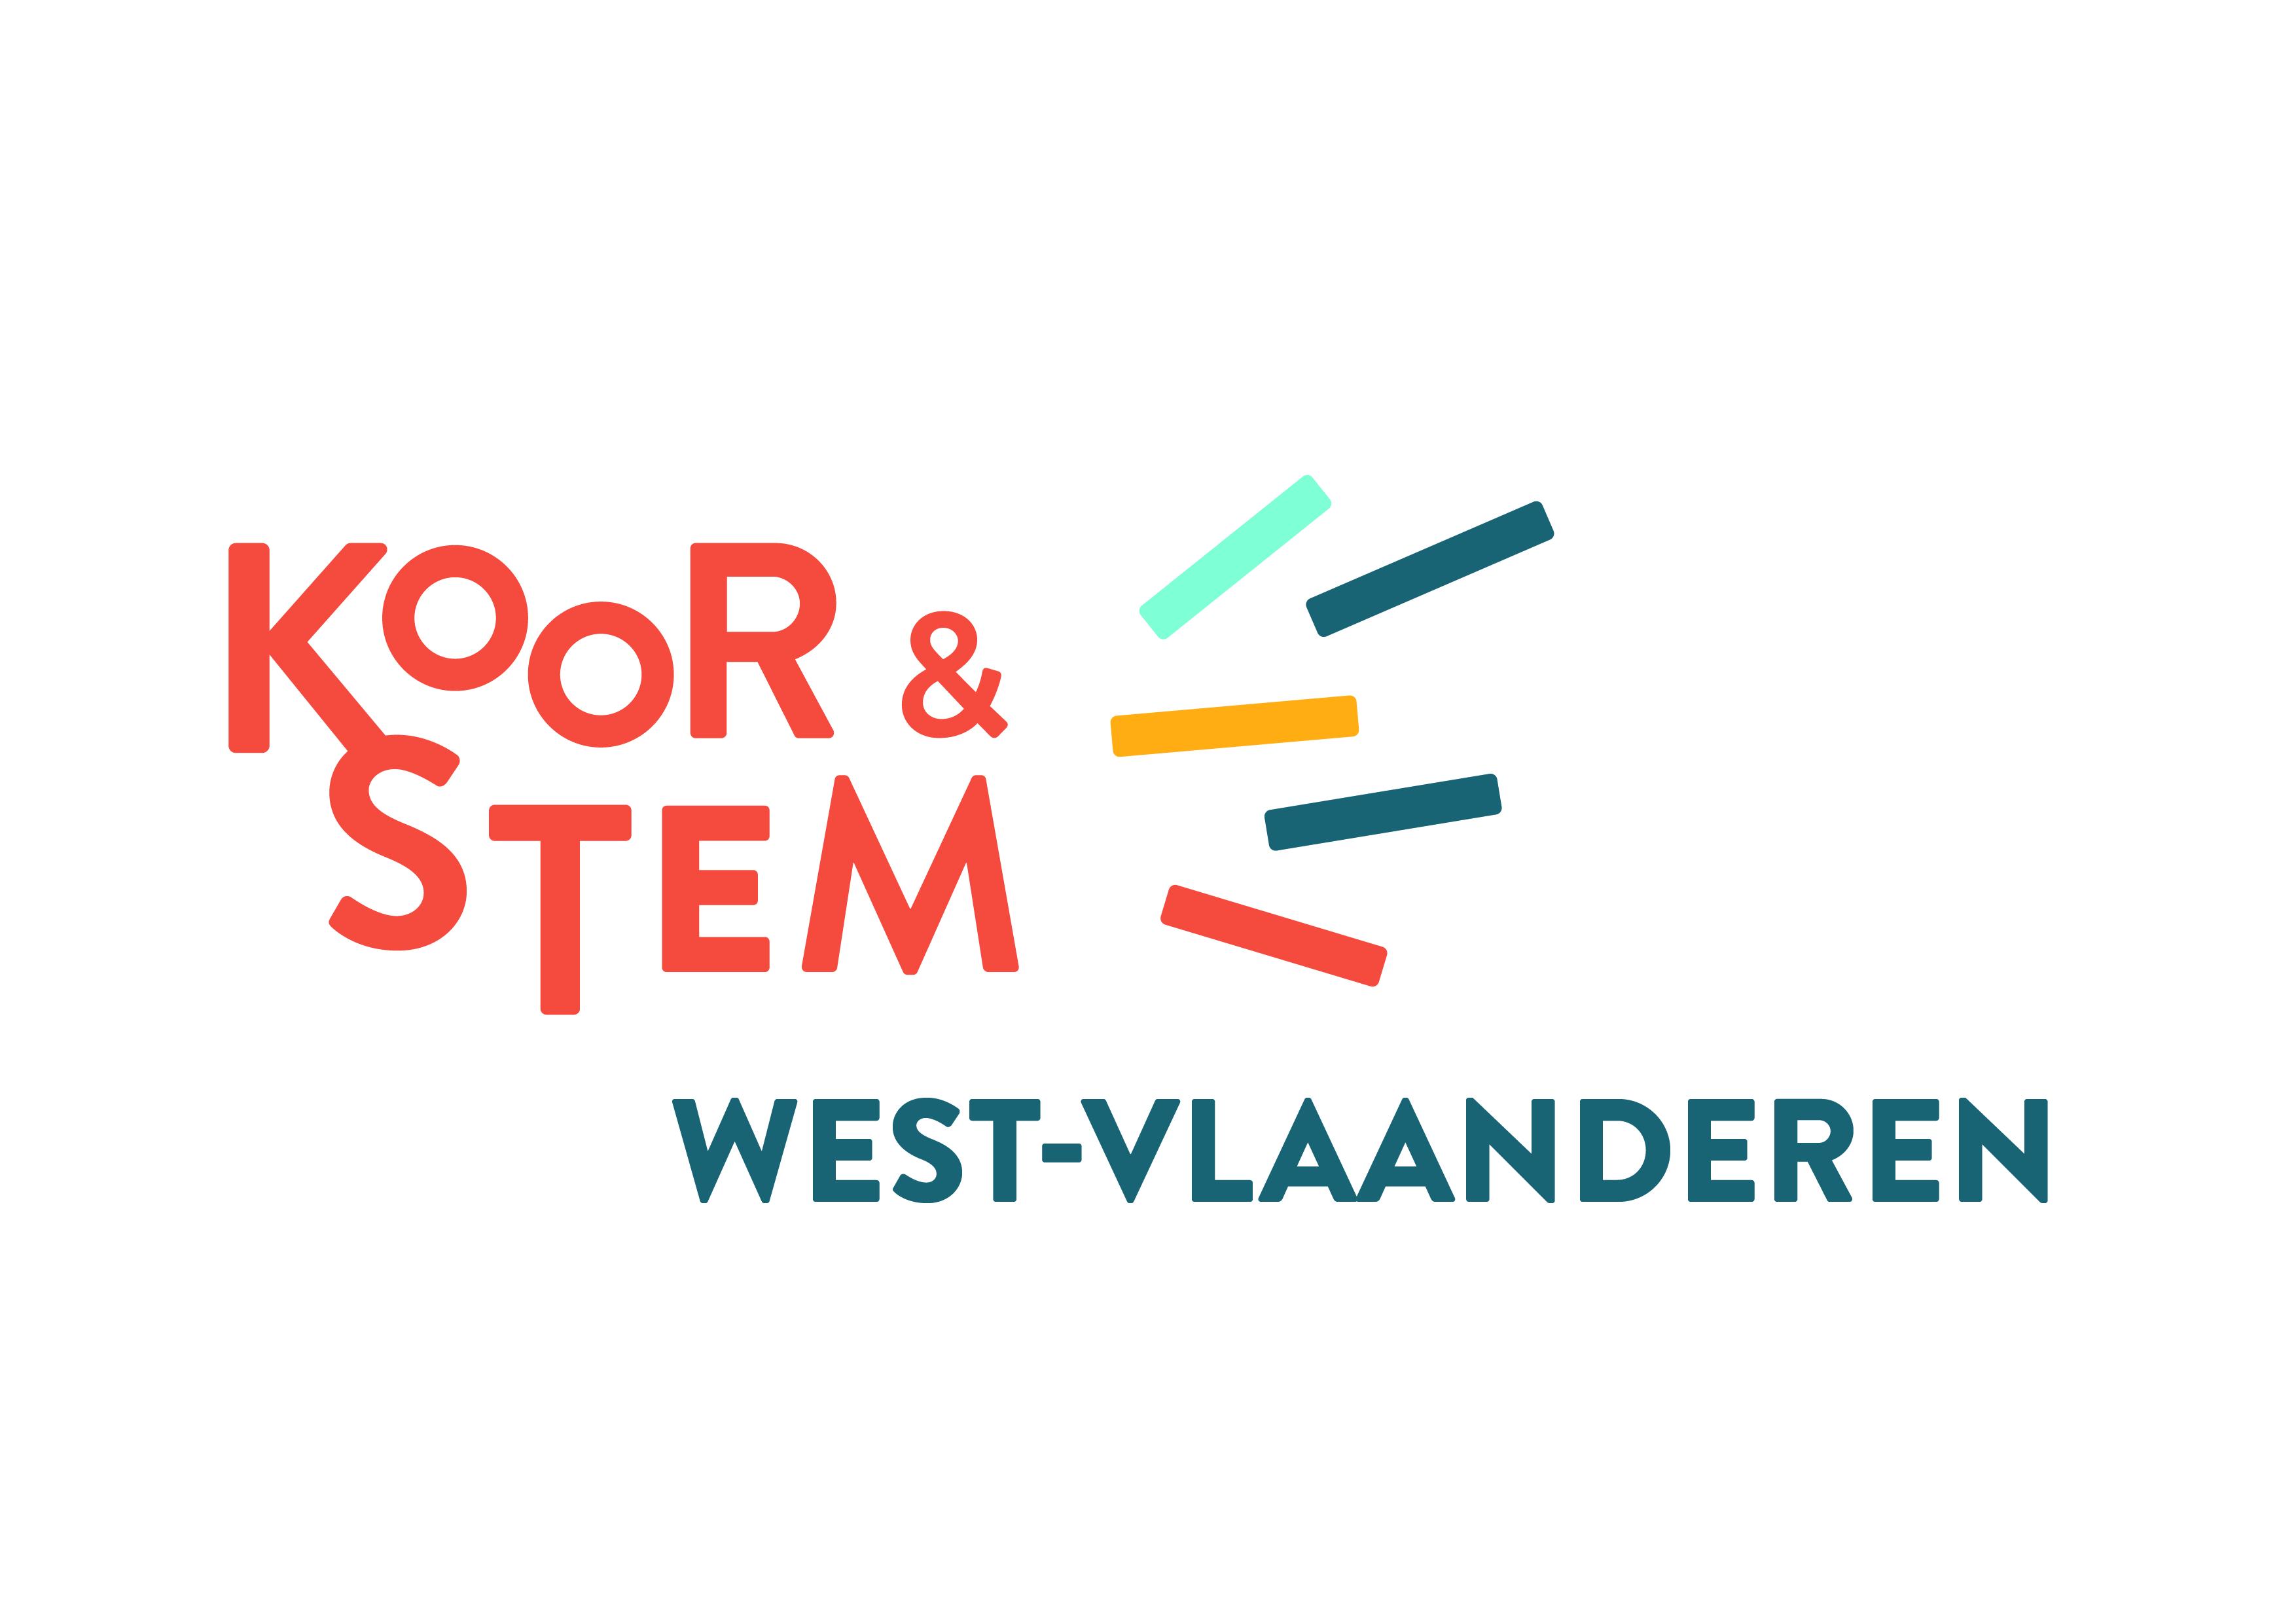 West-Vlaanderen.jpg